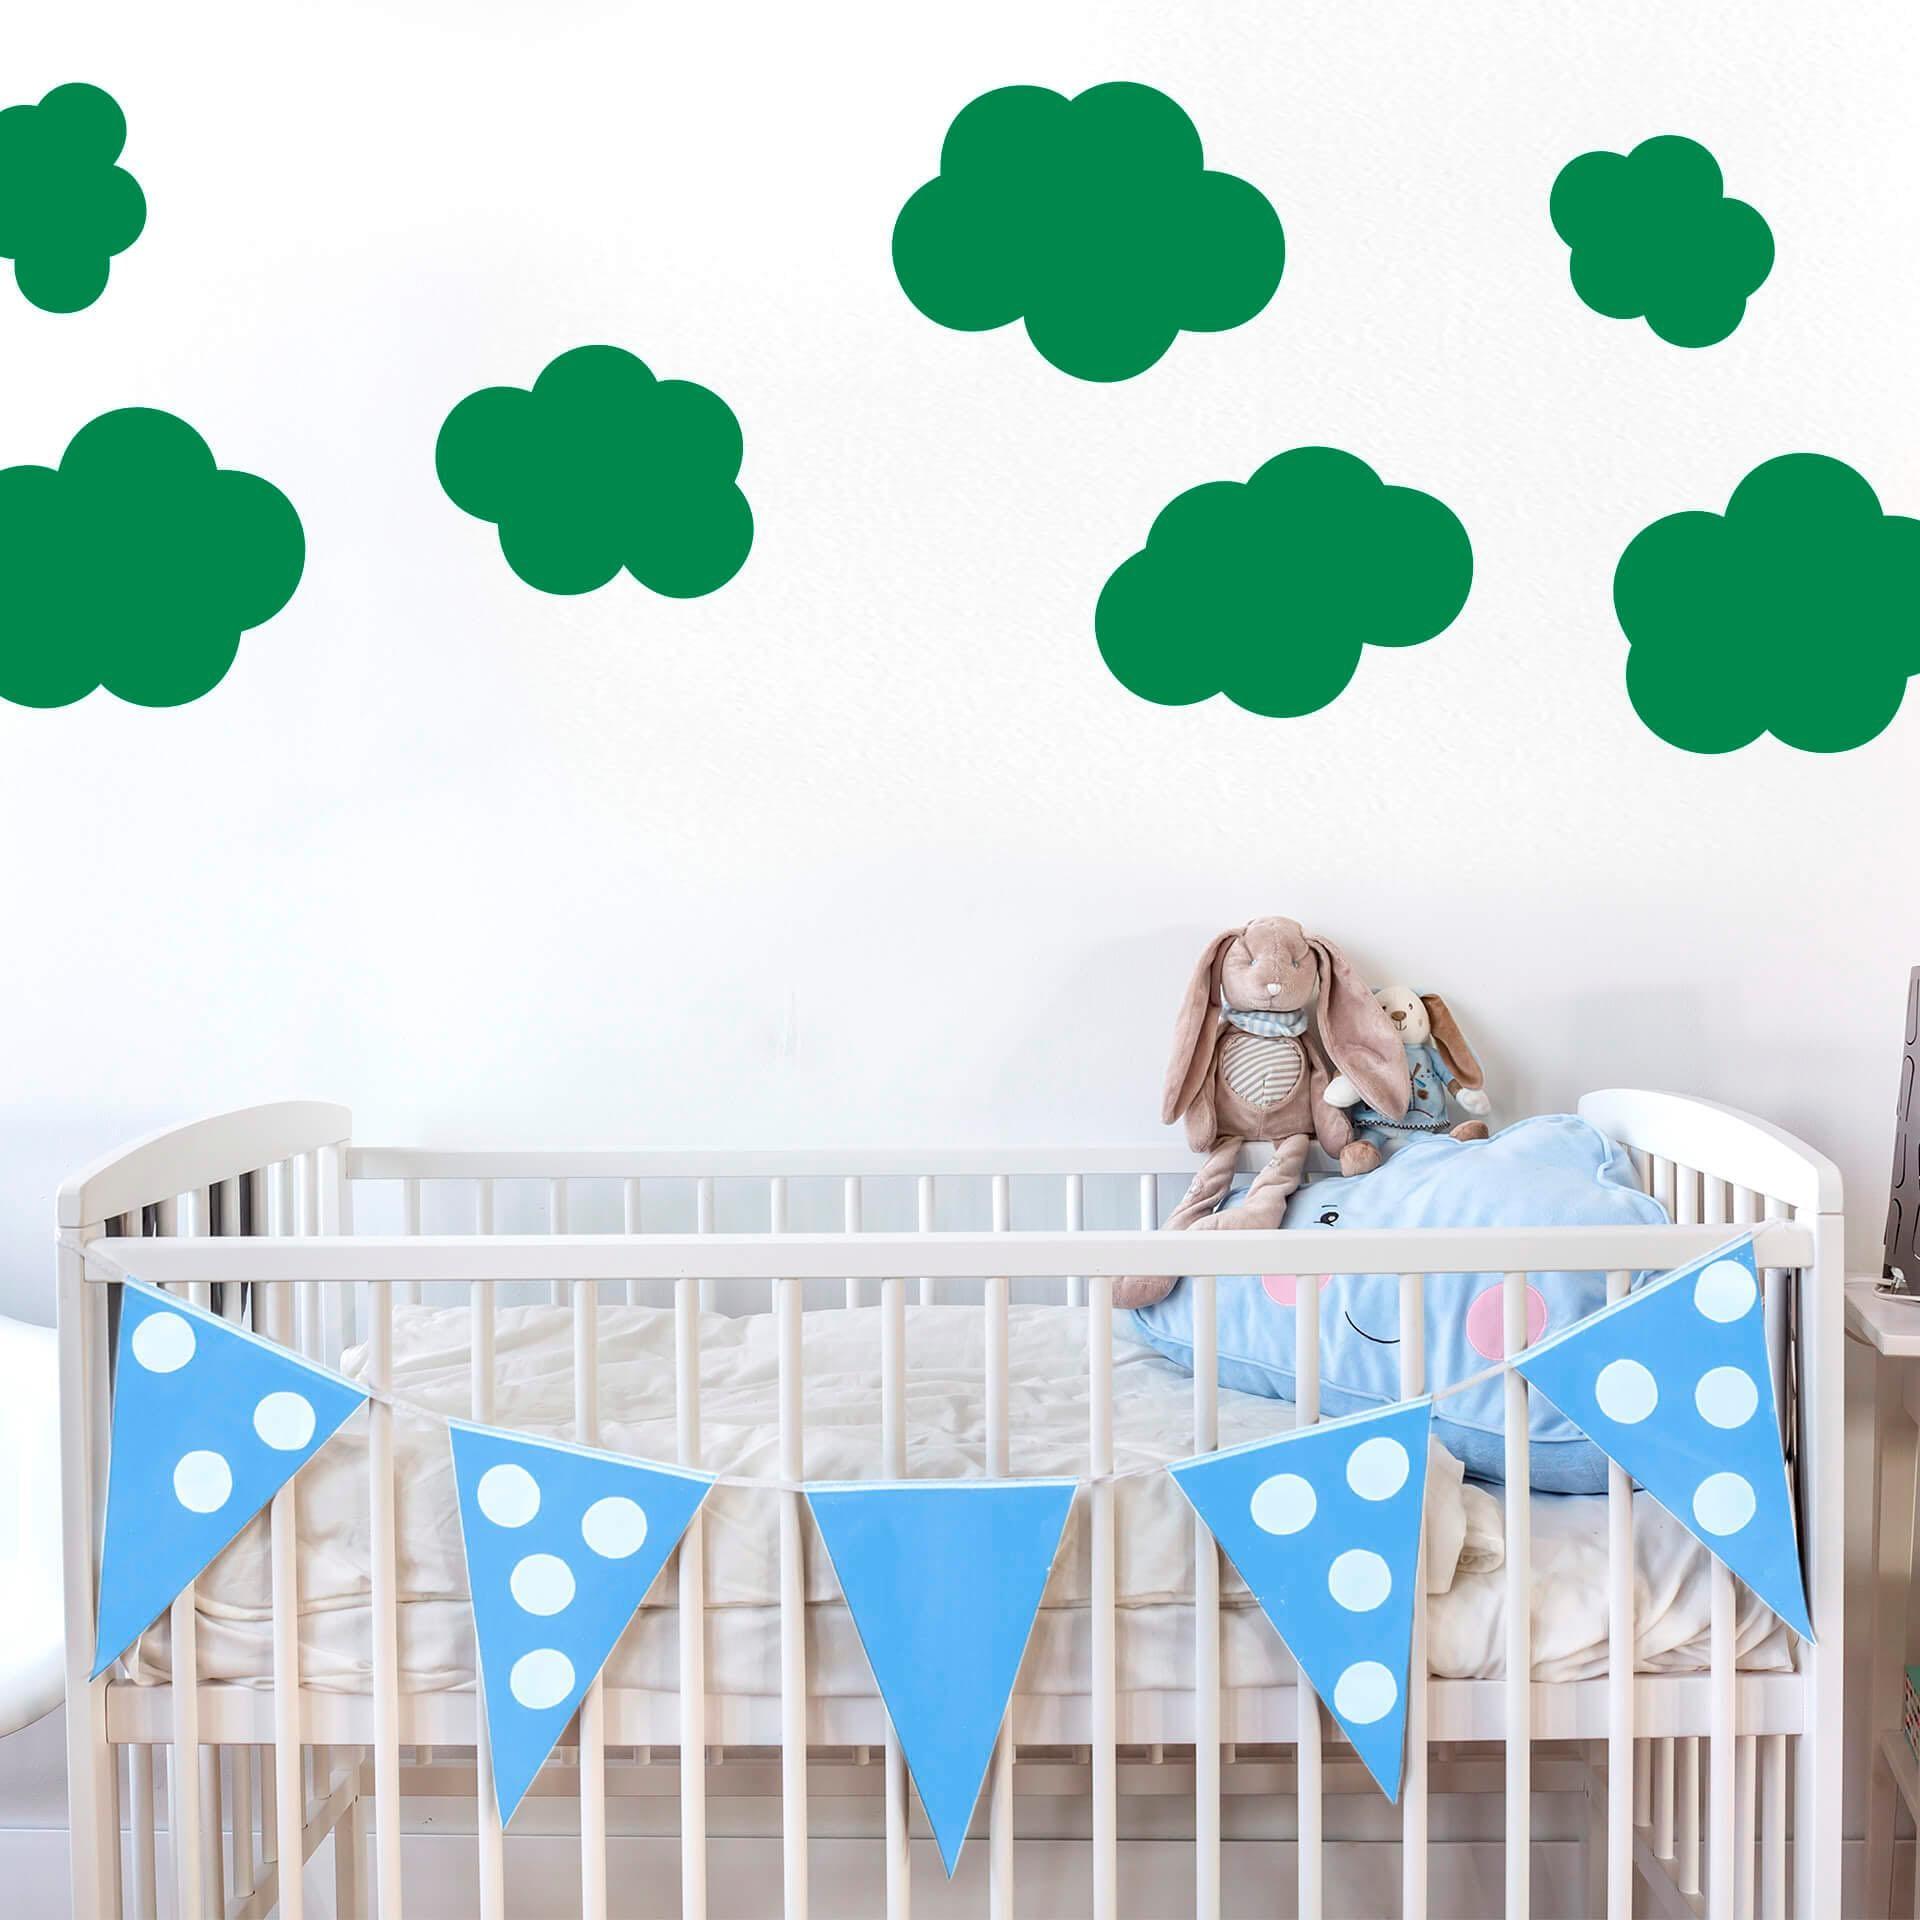 Wandtattoo Wolken-Set Wohnen/Accessoires & Leuchten/Wohnaccessoires/Wandtattoos und Wandsticker/Wandtattoos Kinder